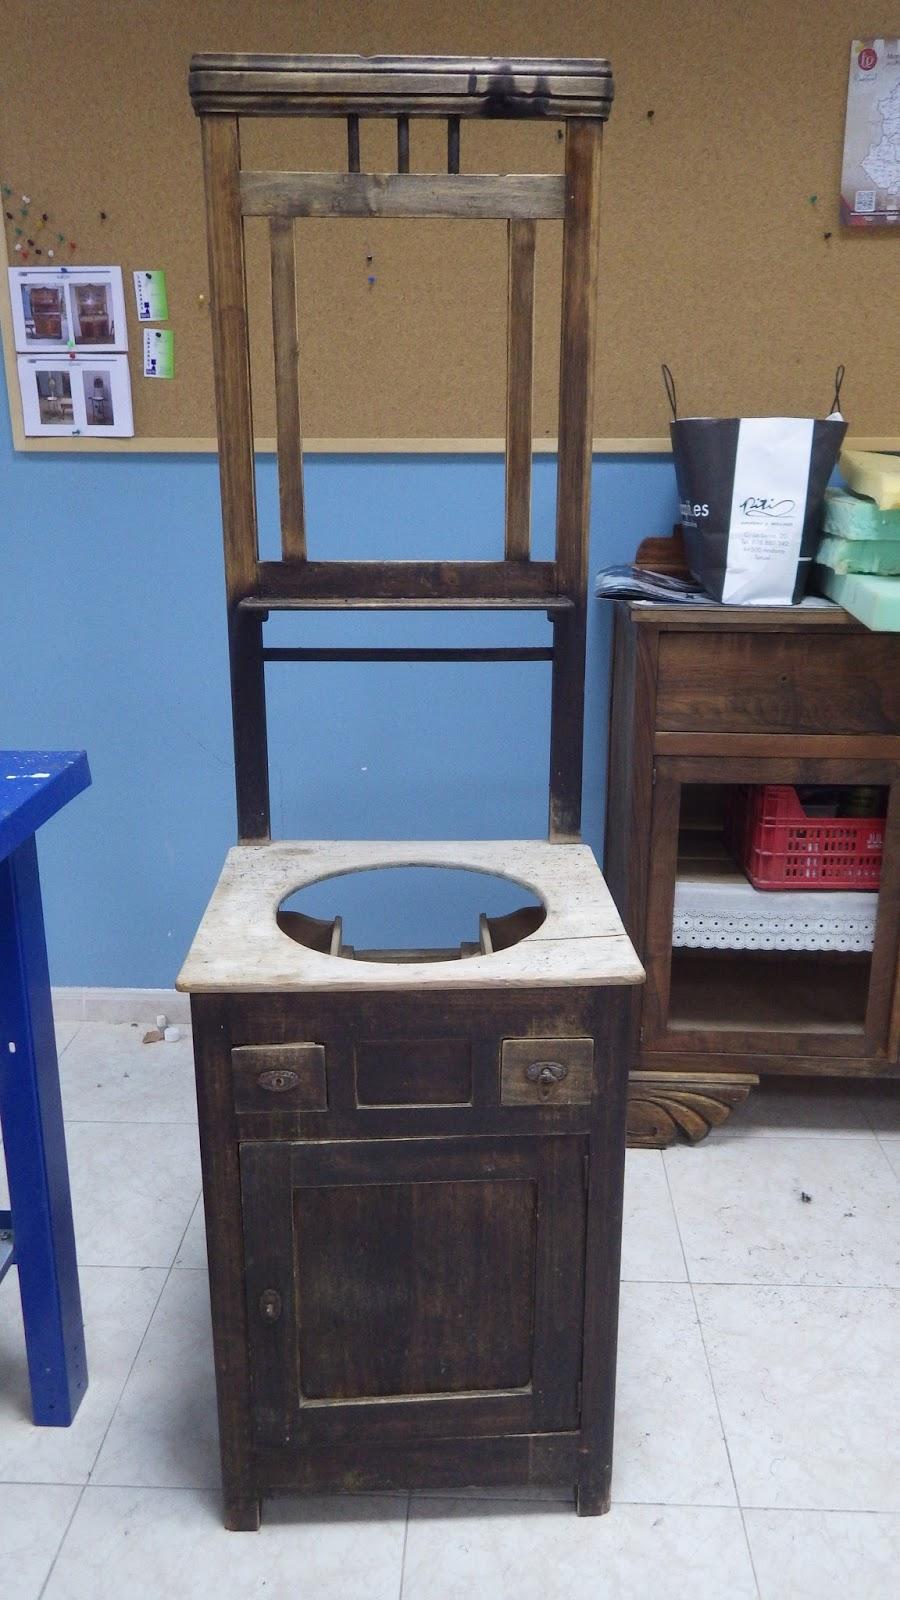 Manualidades gibert muebles antes y despues de restaurar for Manualidades de muebles